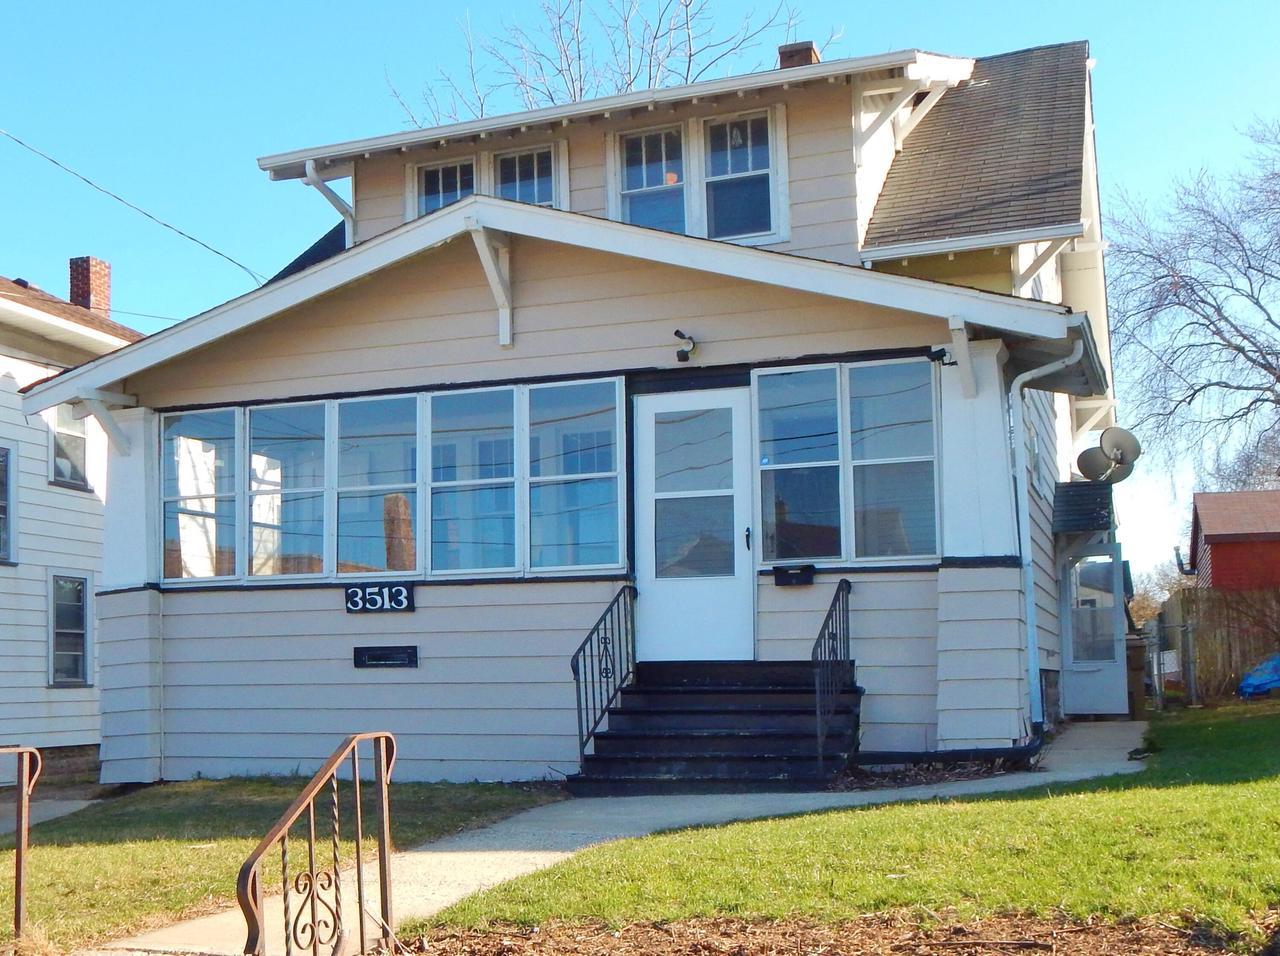 3513 60th St STREET, KENOSHA, WI 53144